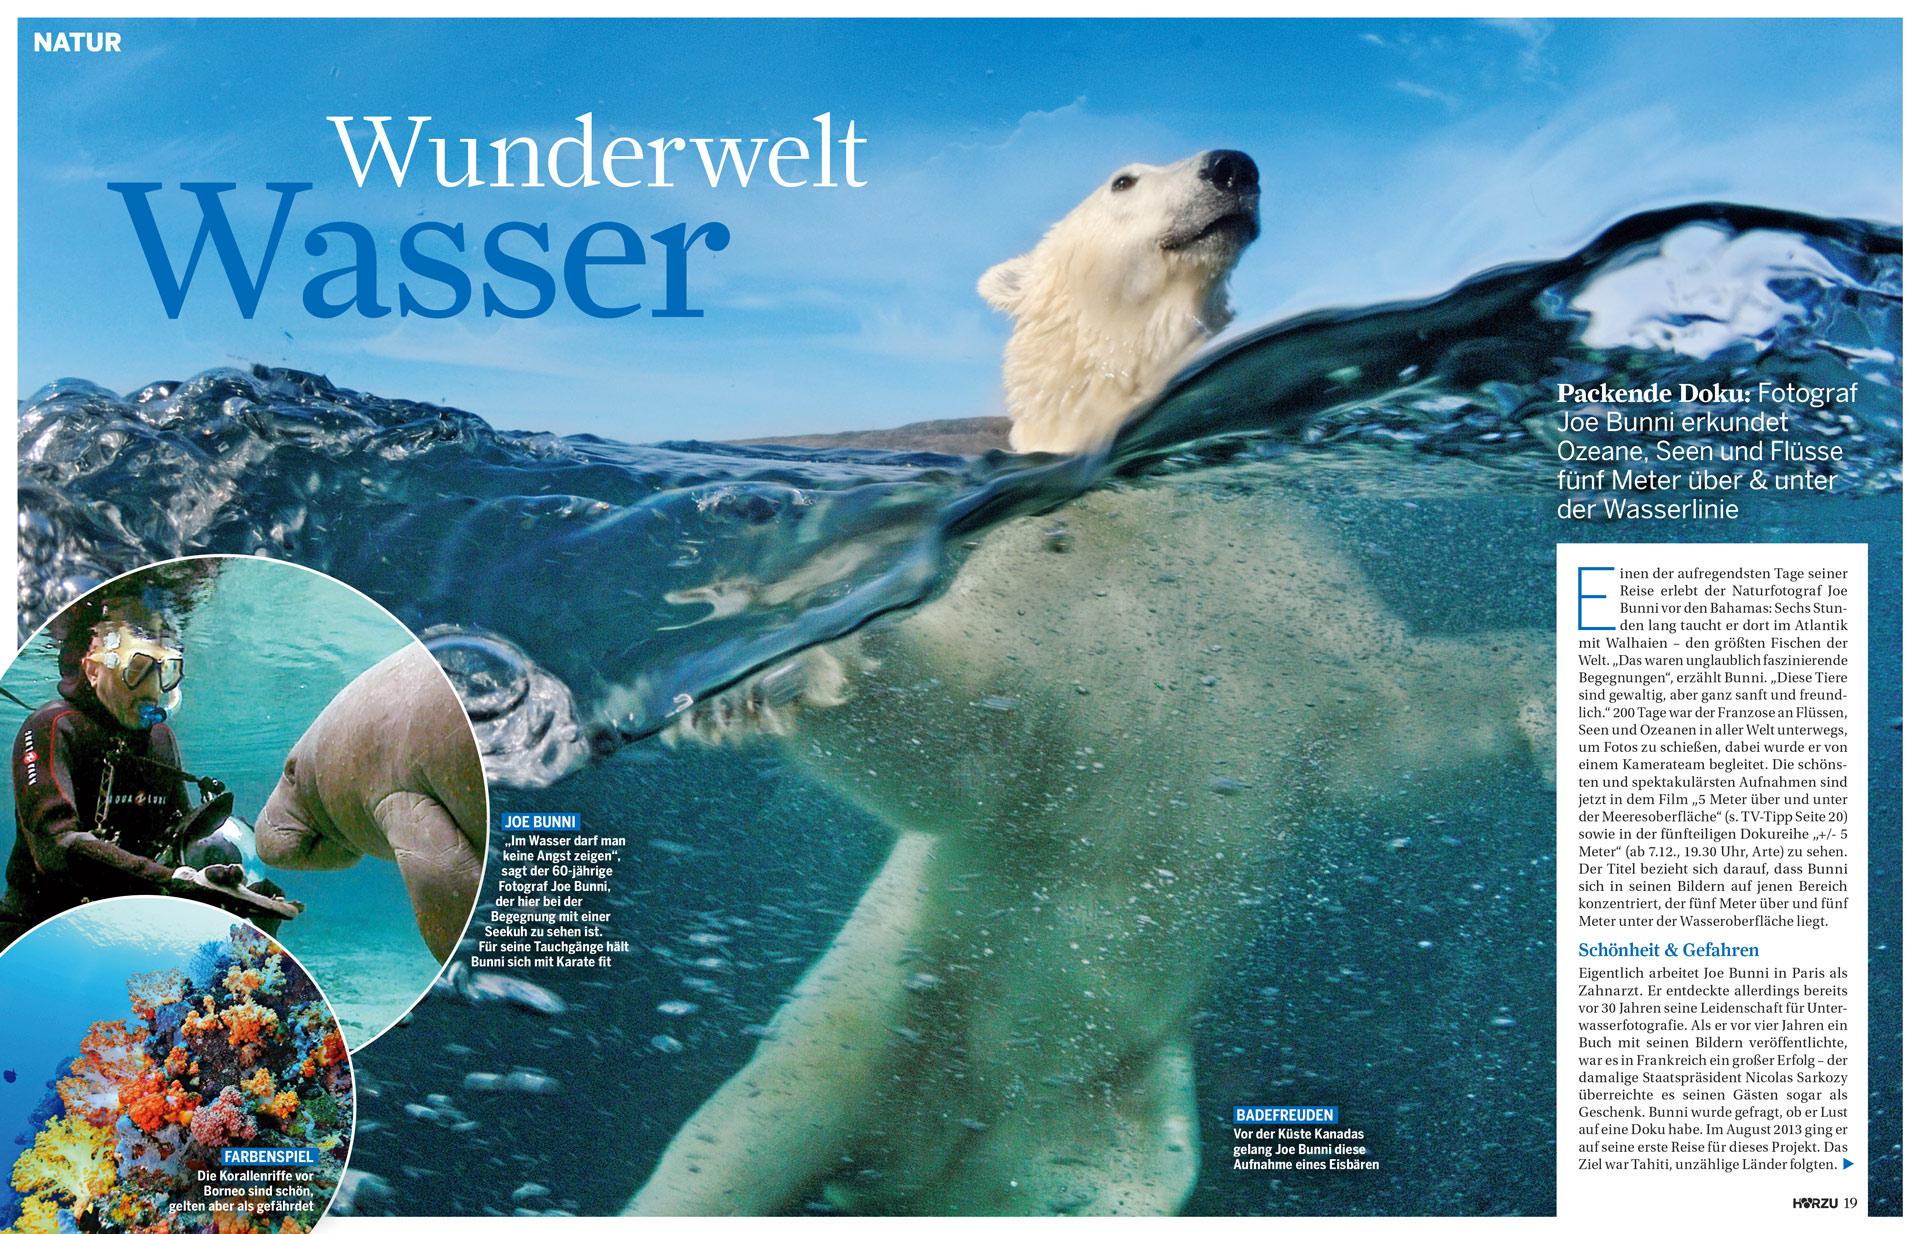 HörZu : Wunderwelt Wasser